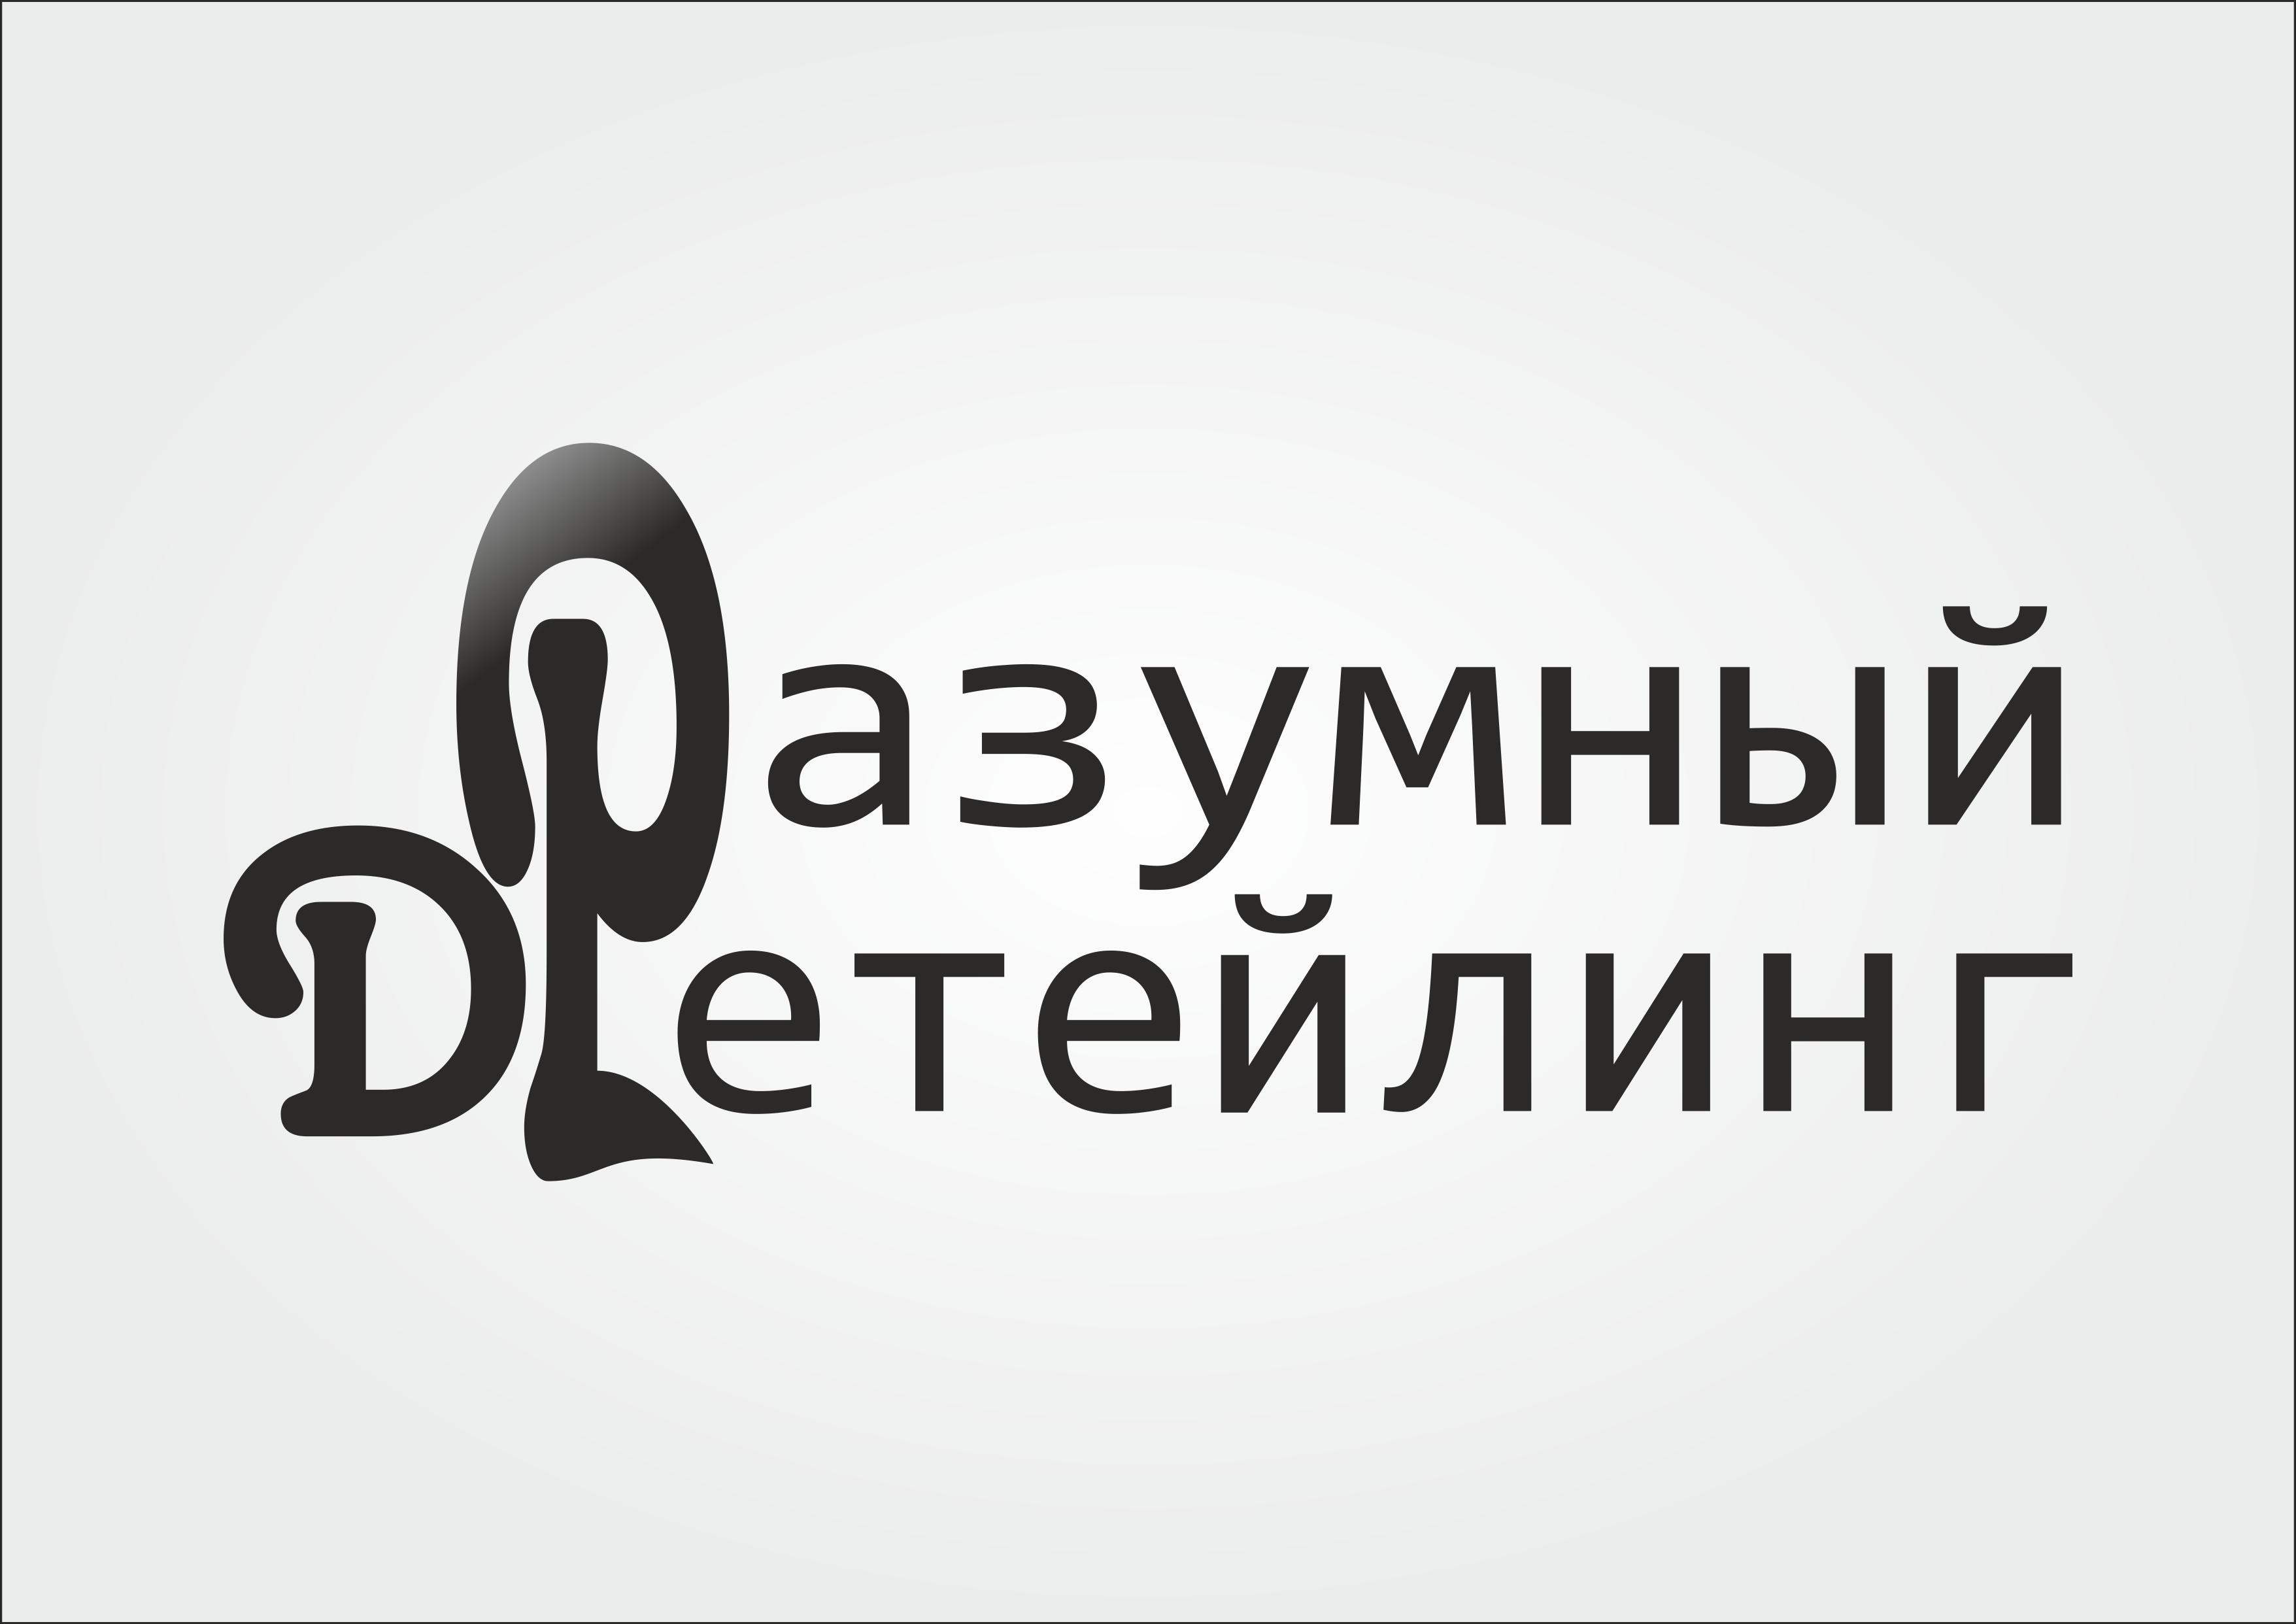 Ребрендинг логотипа  фото f_7725ad8d112164c5.png